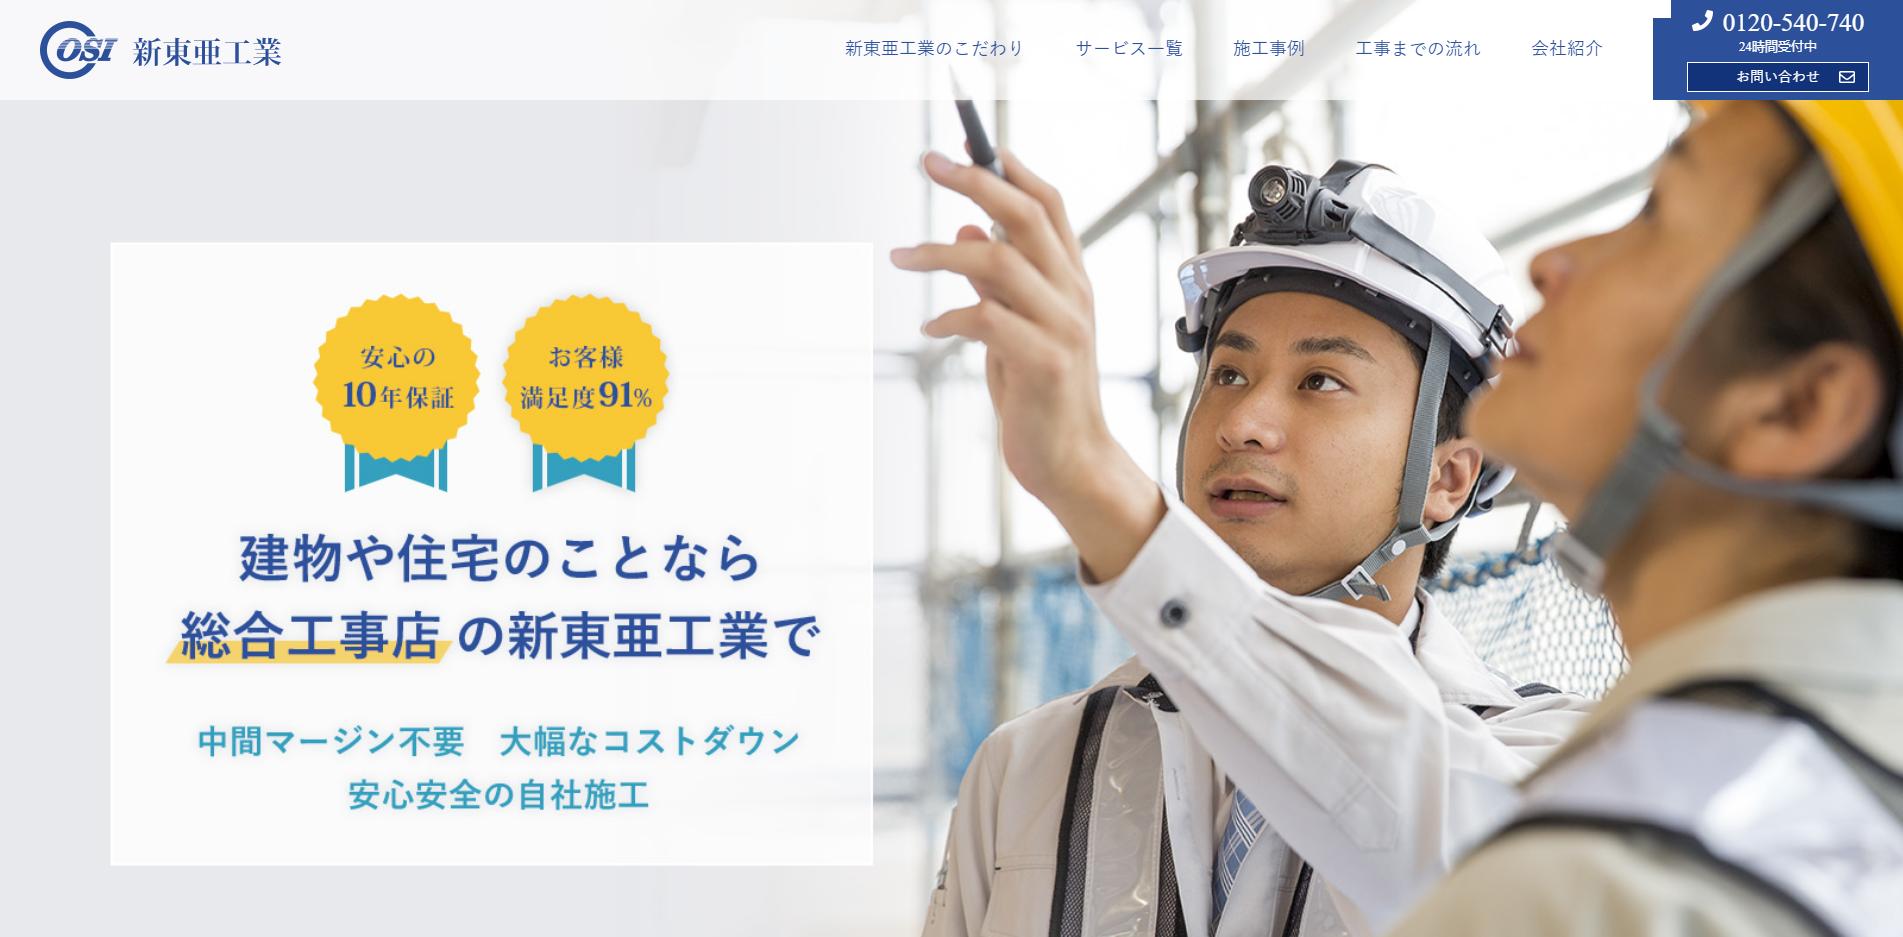 株式会社新東亜工業